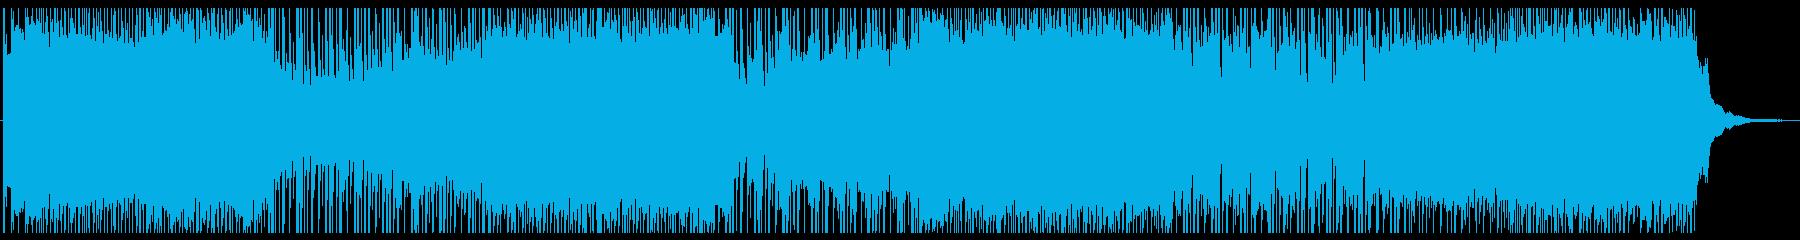 勢いのあるパンク系ロックBGMの再生済みの波形